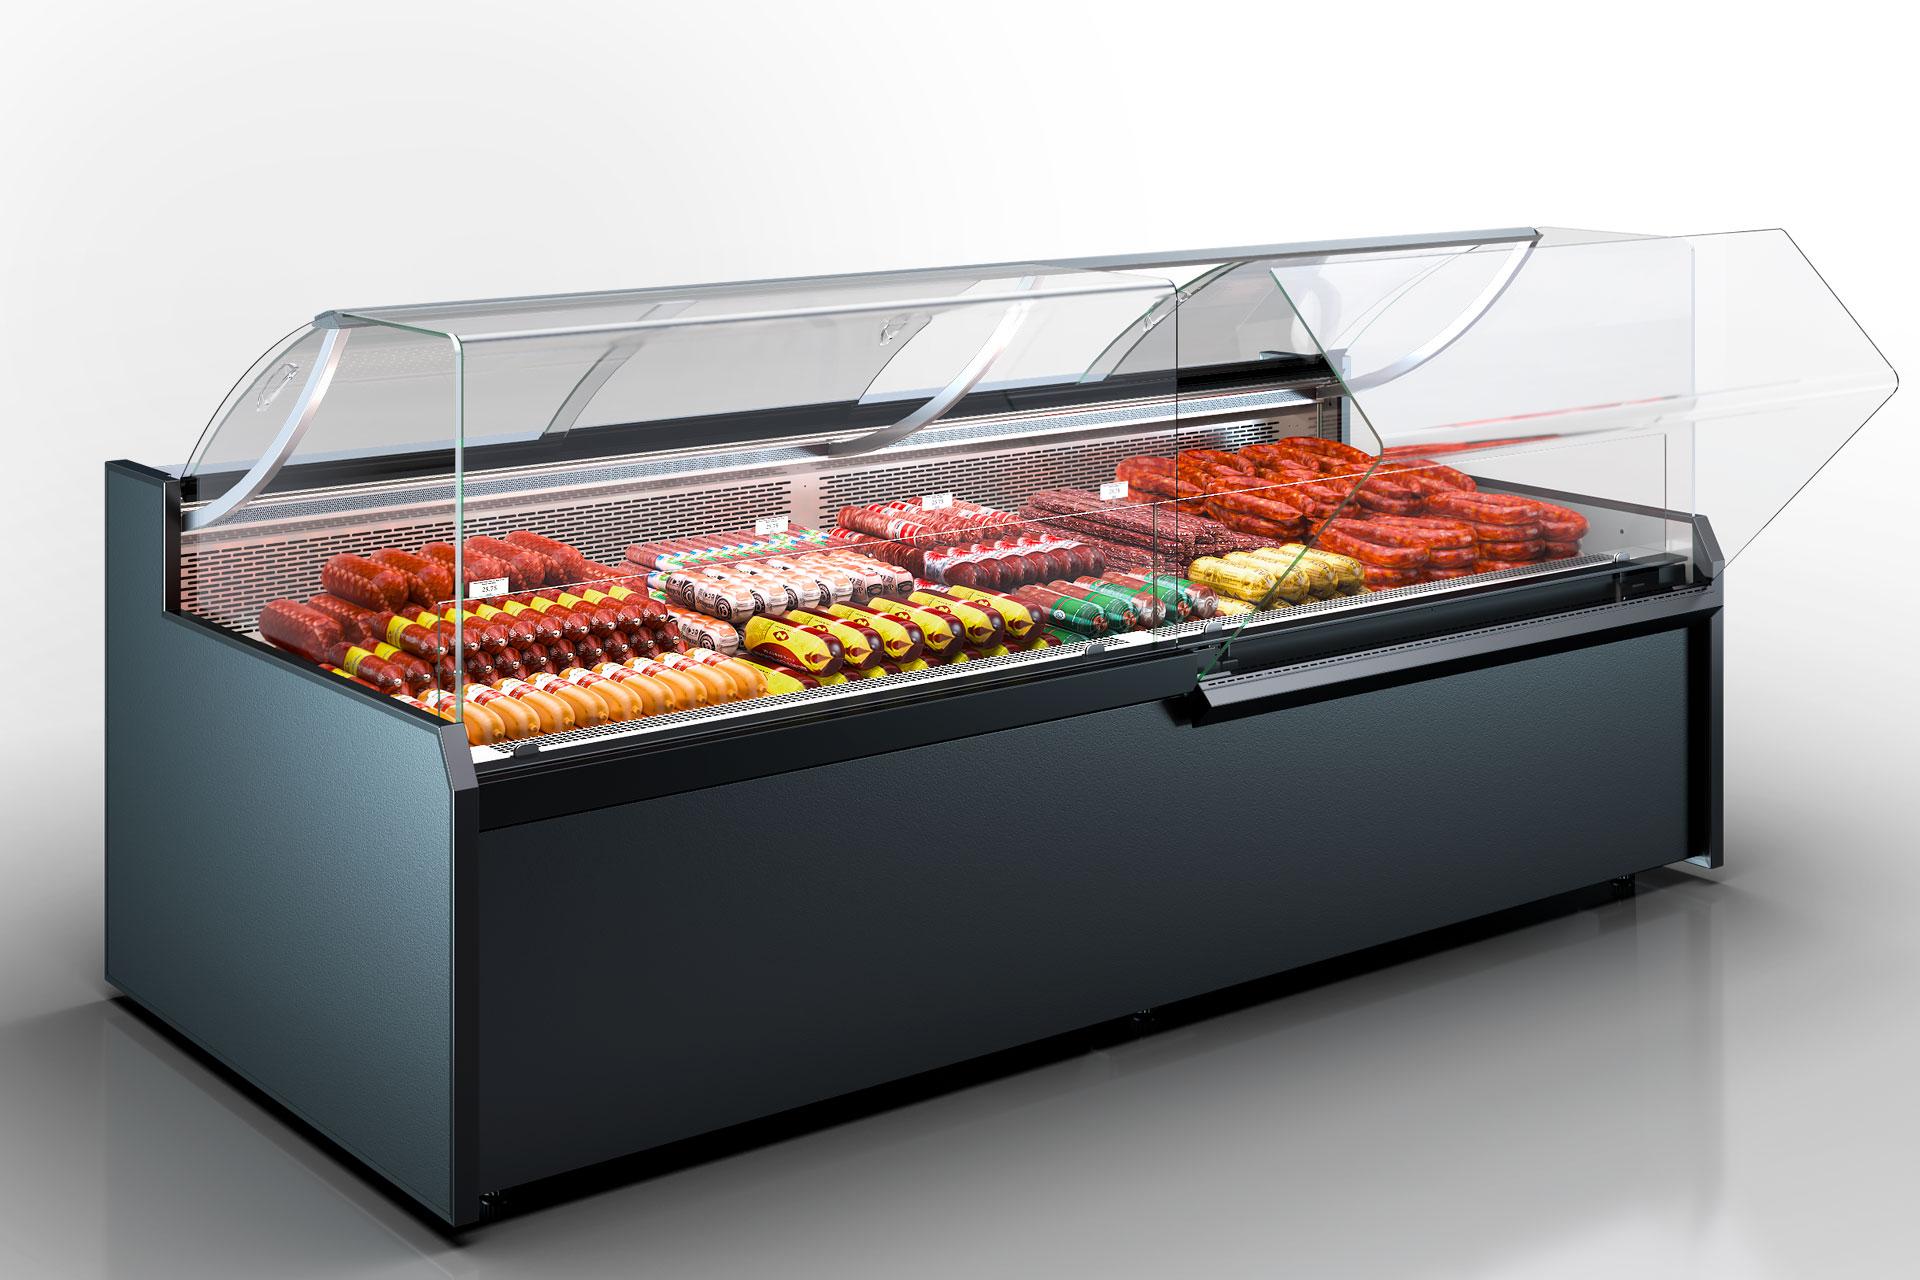 Холодильная витрина Missouri MC 120 deli OS 130-DBM (option)